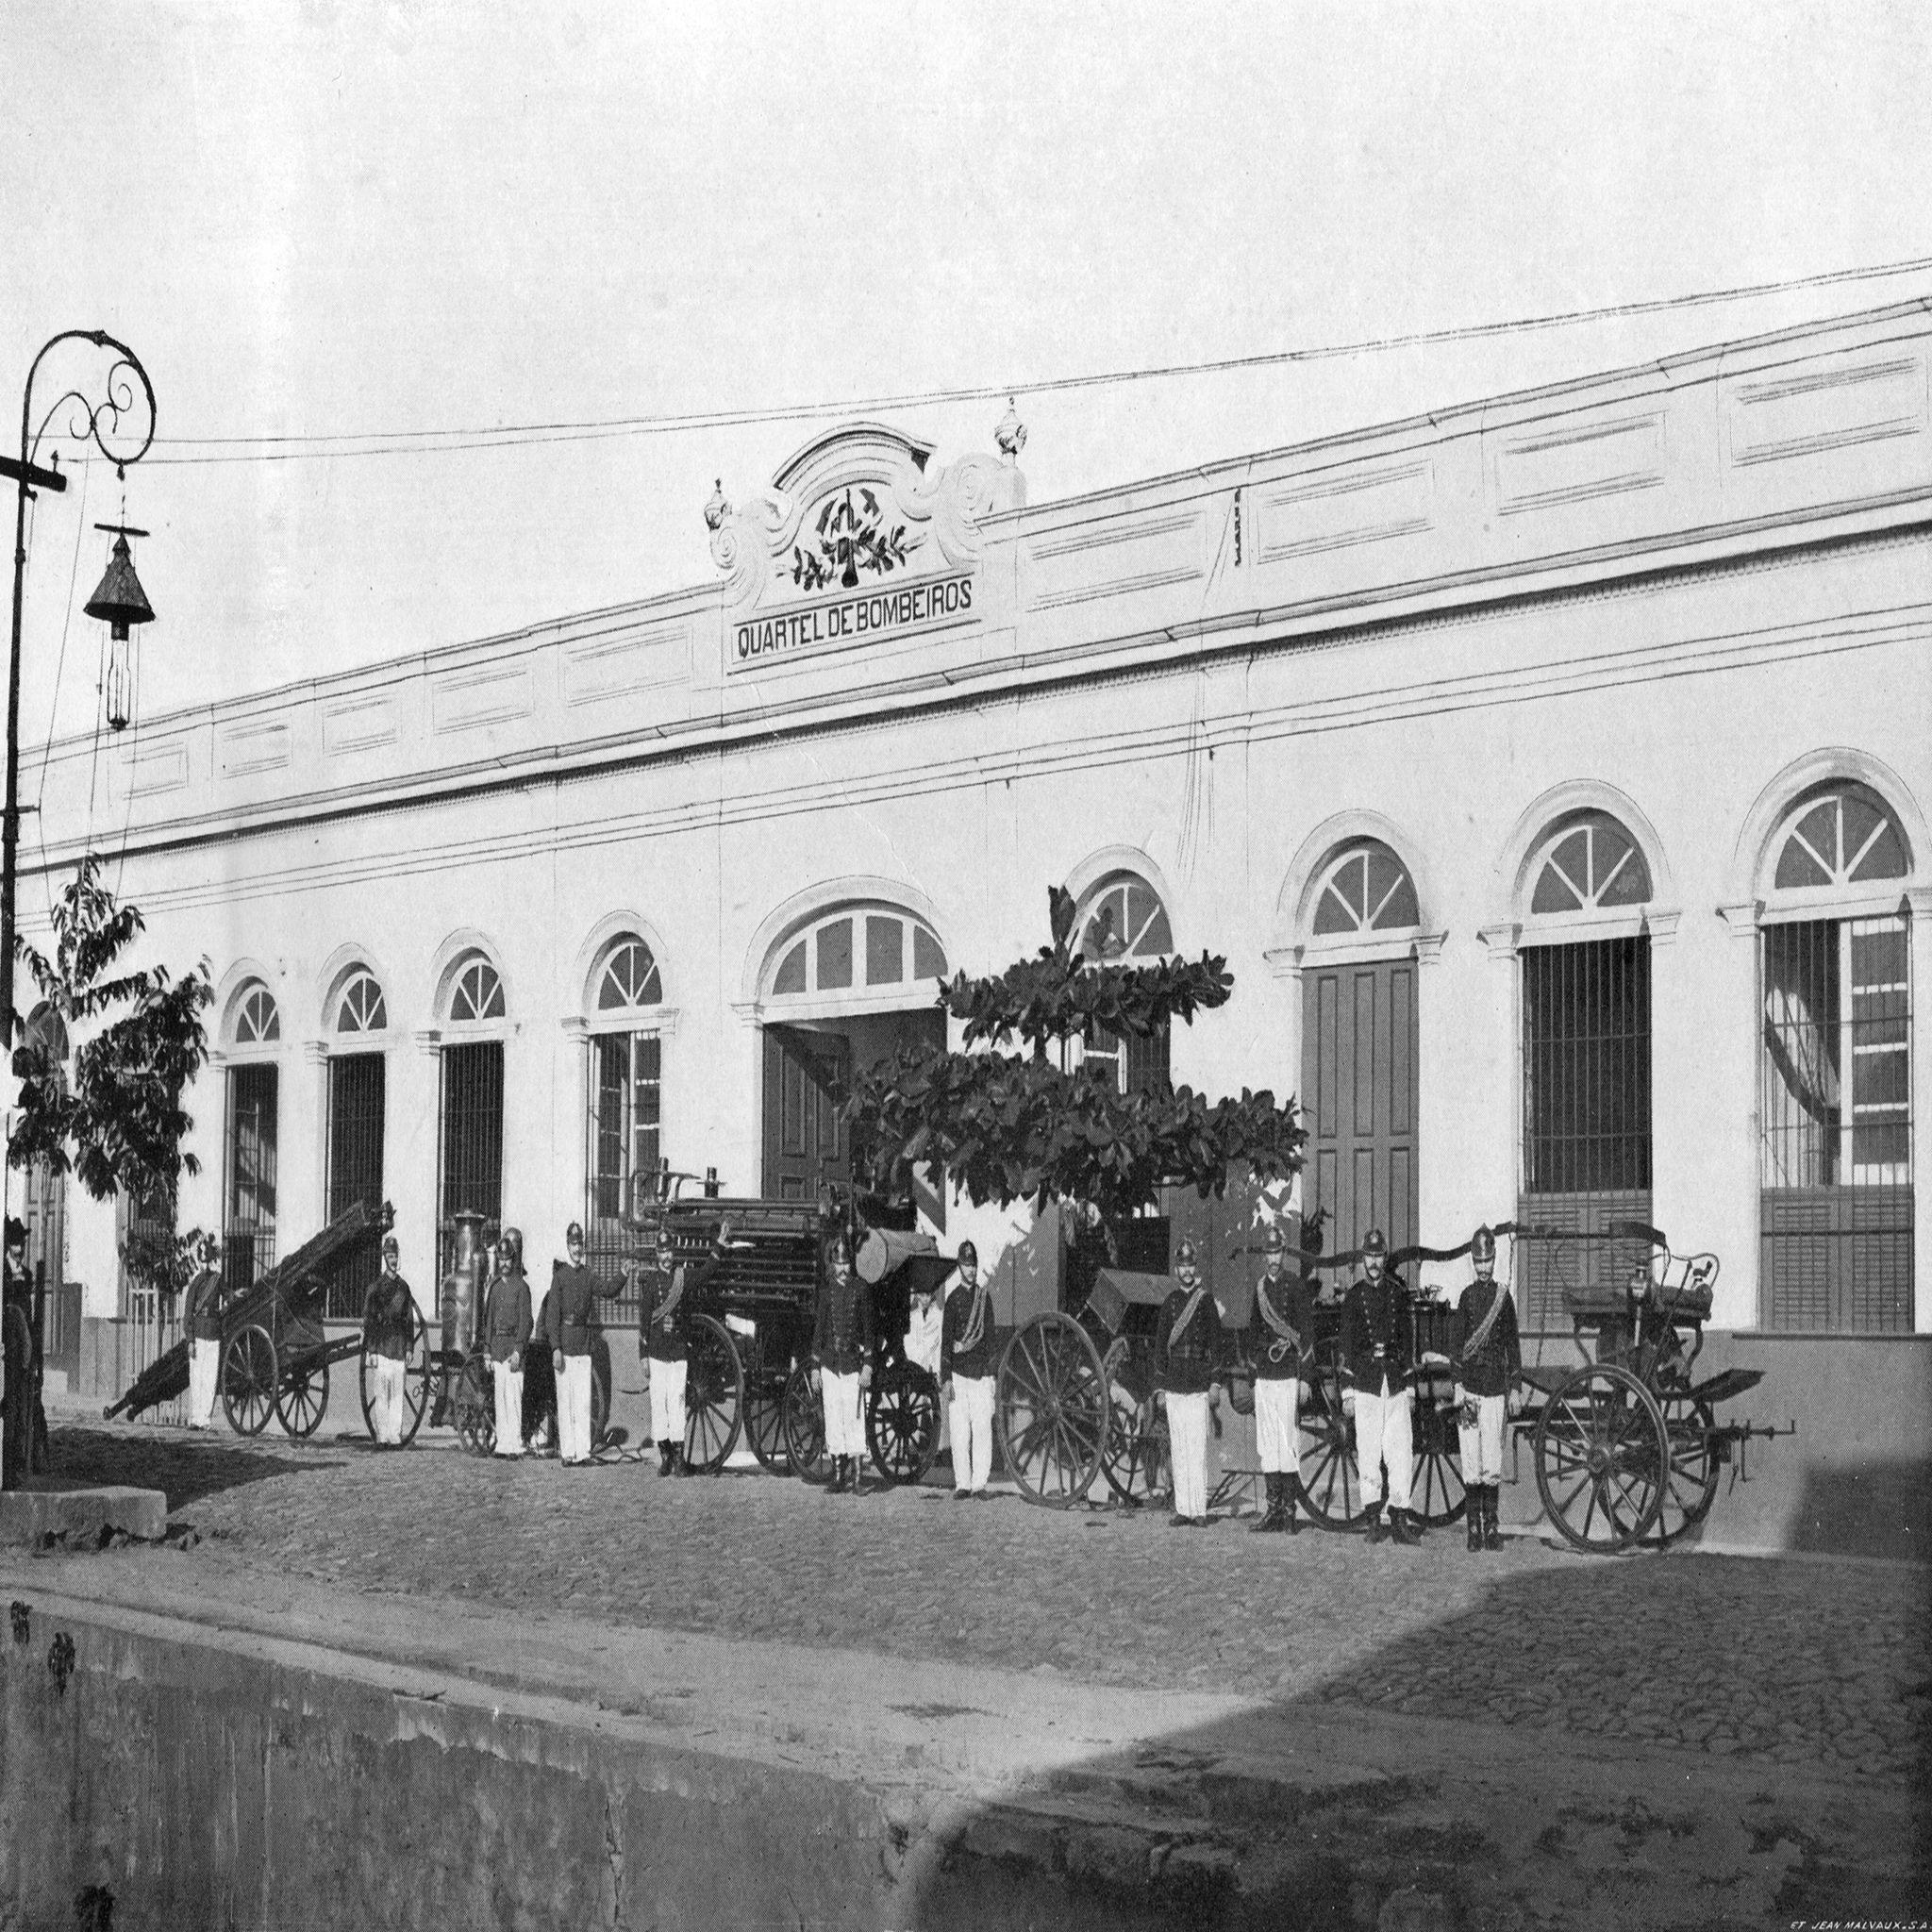 Quartel de bombeiros. Manaus. Álbum do Amazonas 1901-1902.